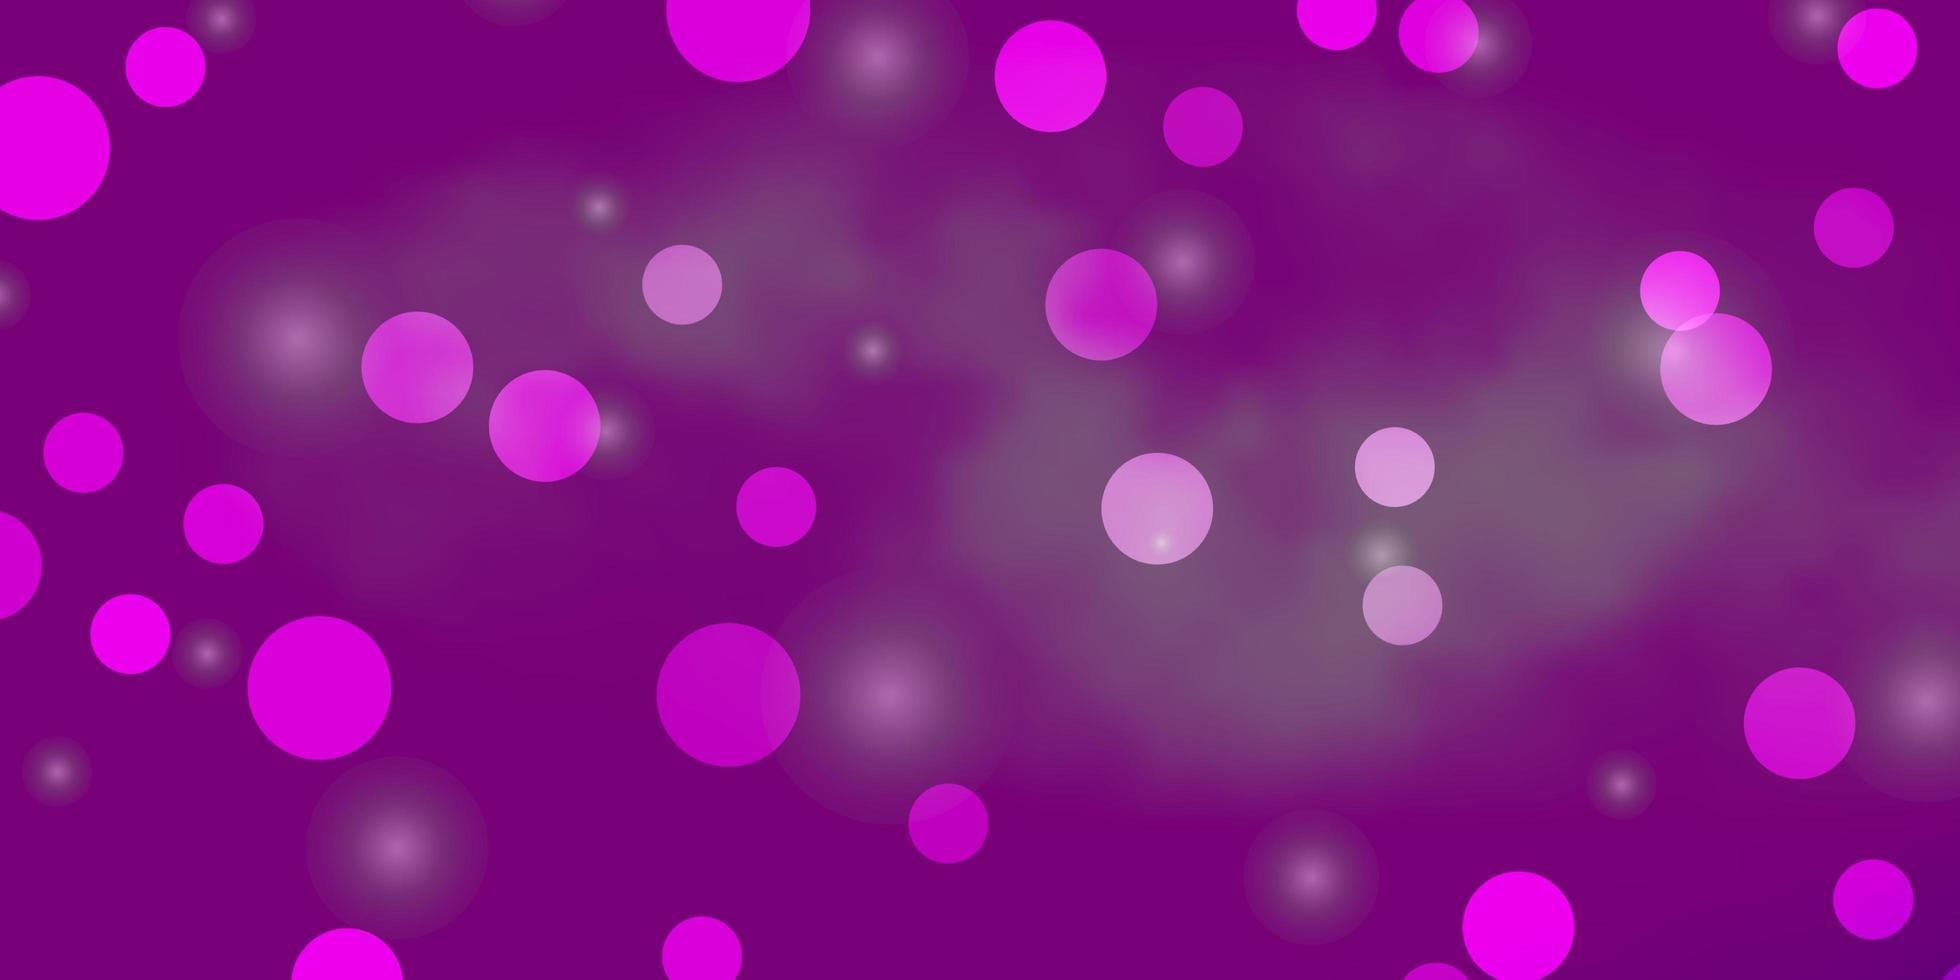 ljuslila vektor konsistens med cirklar, stjärnor.